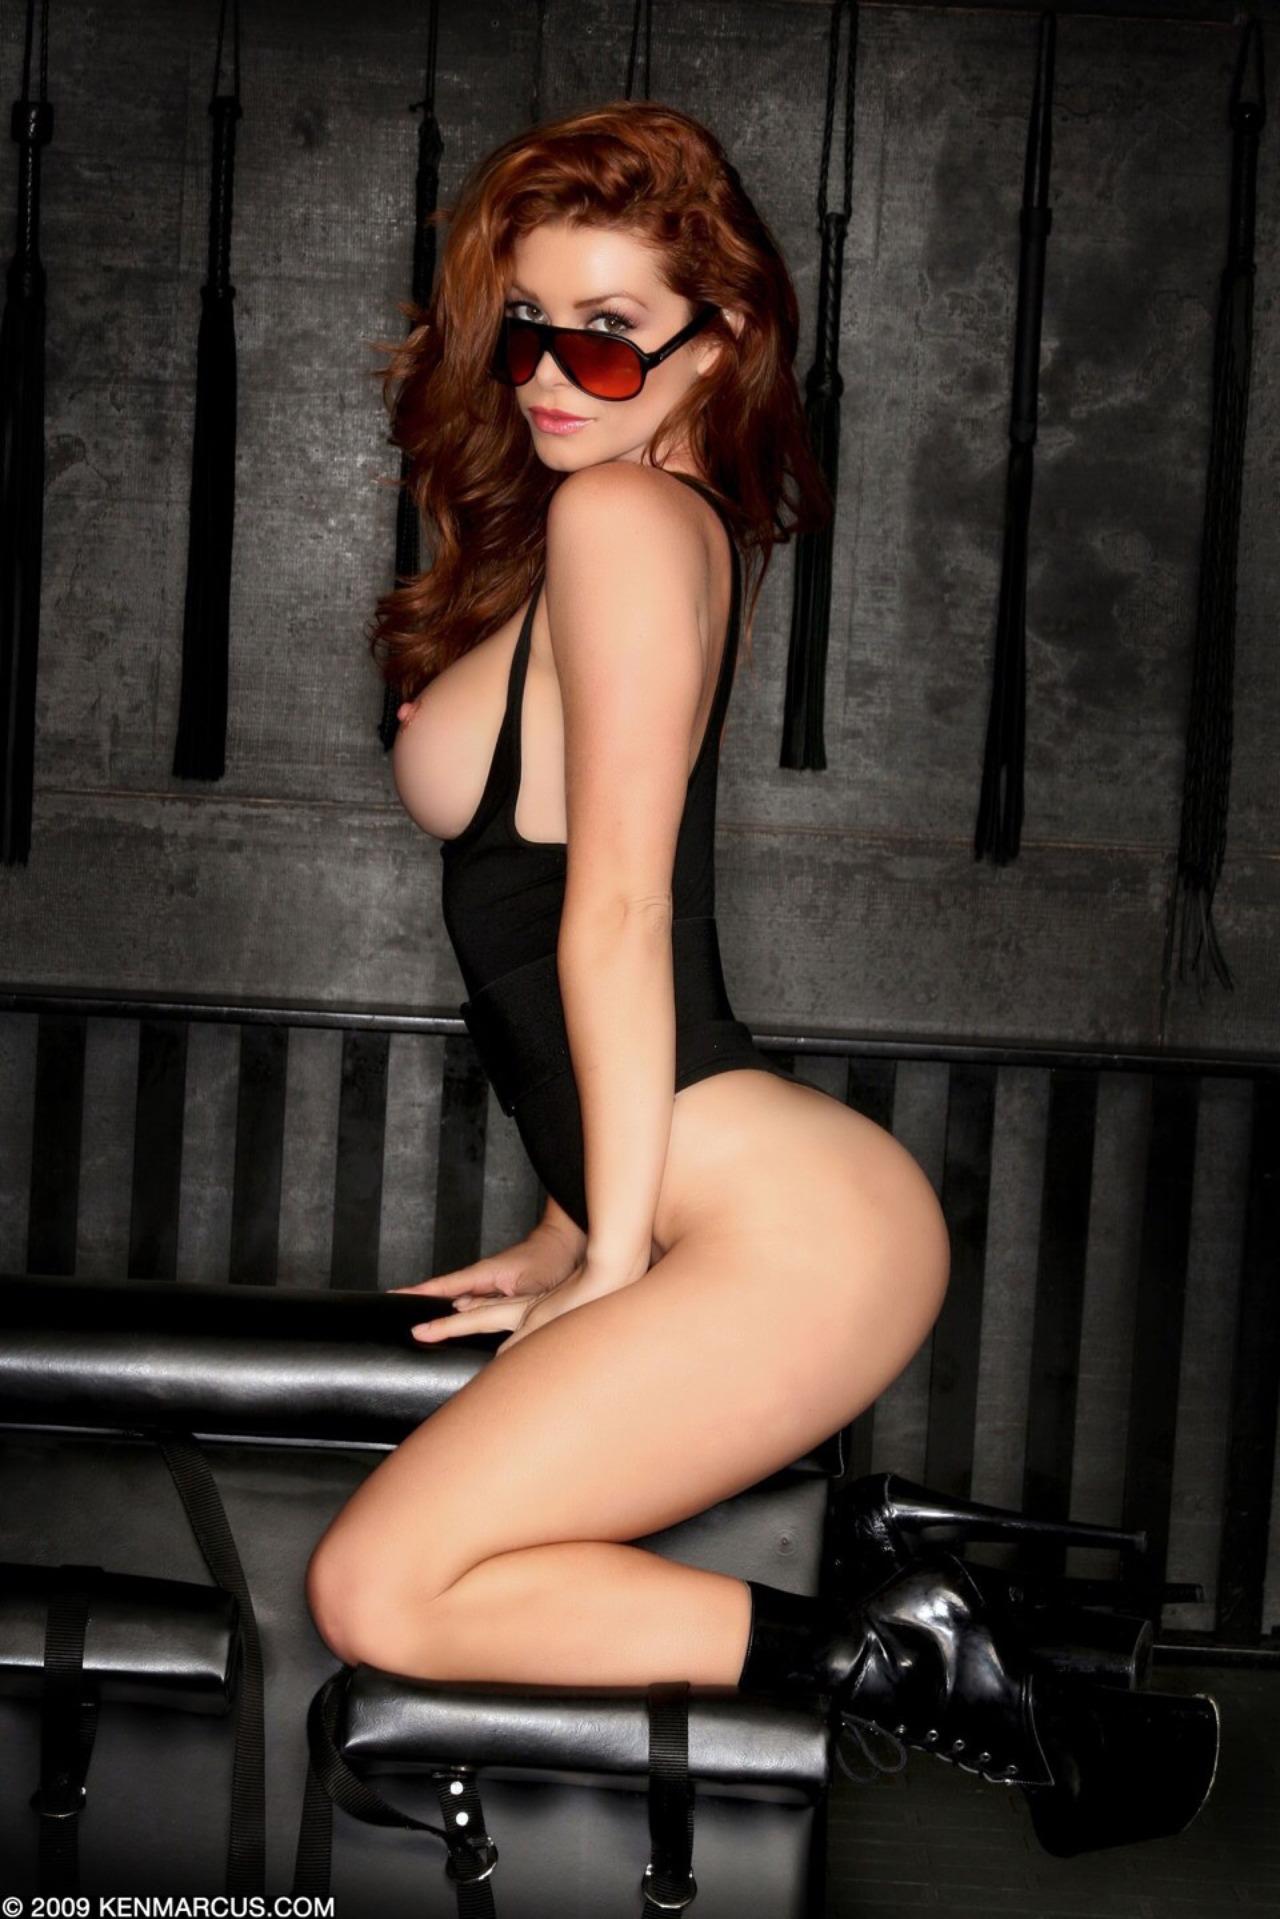 black bikinno coverage bikini,bra size bikiniopen bikinlepel bikinleopard bikinboyshort bikini bottoms,bikini dgul bikin